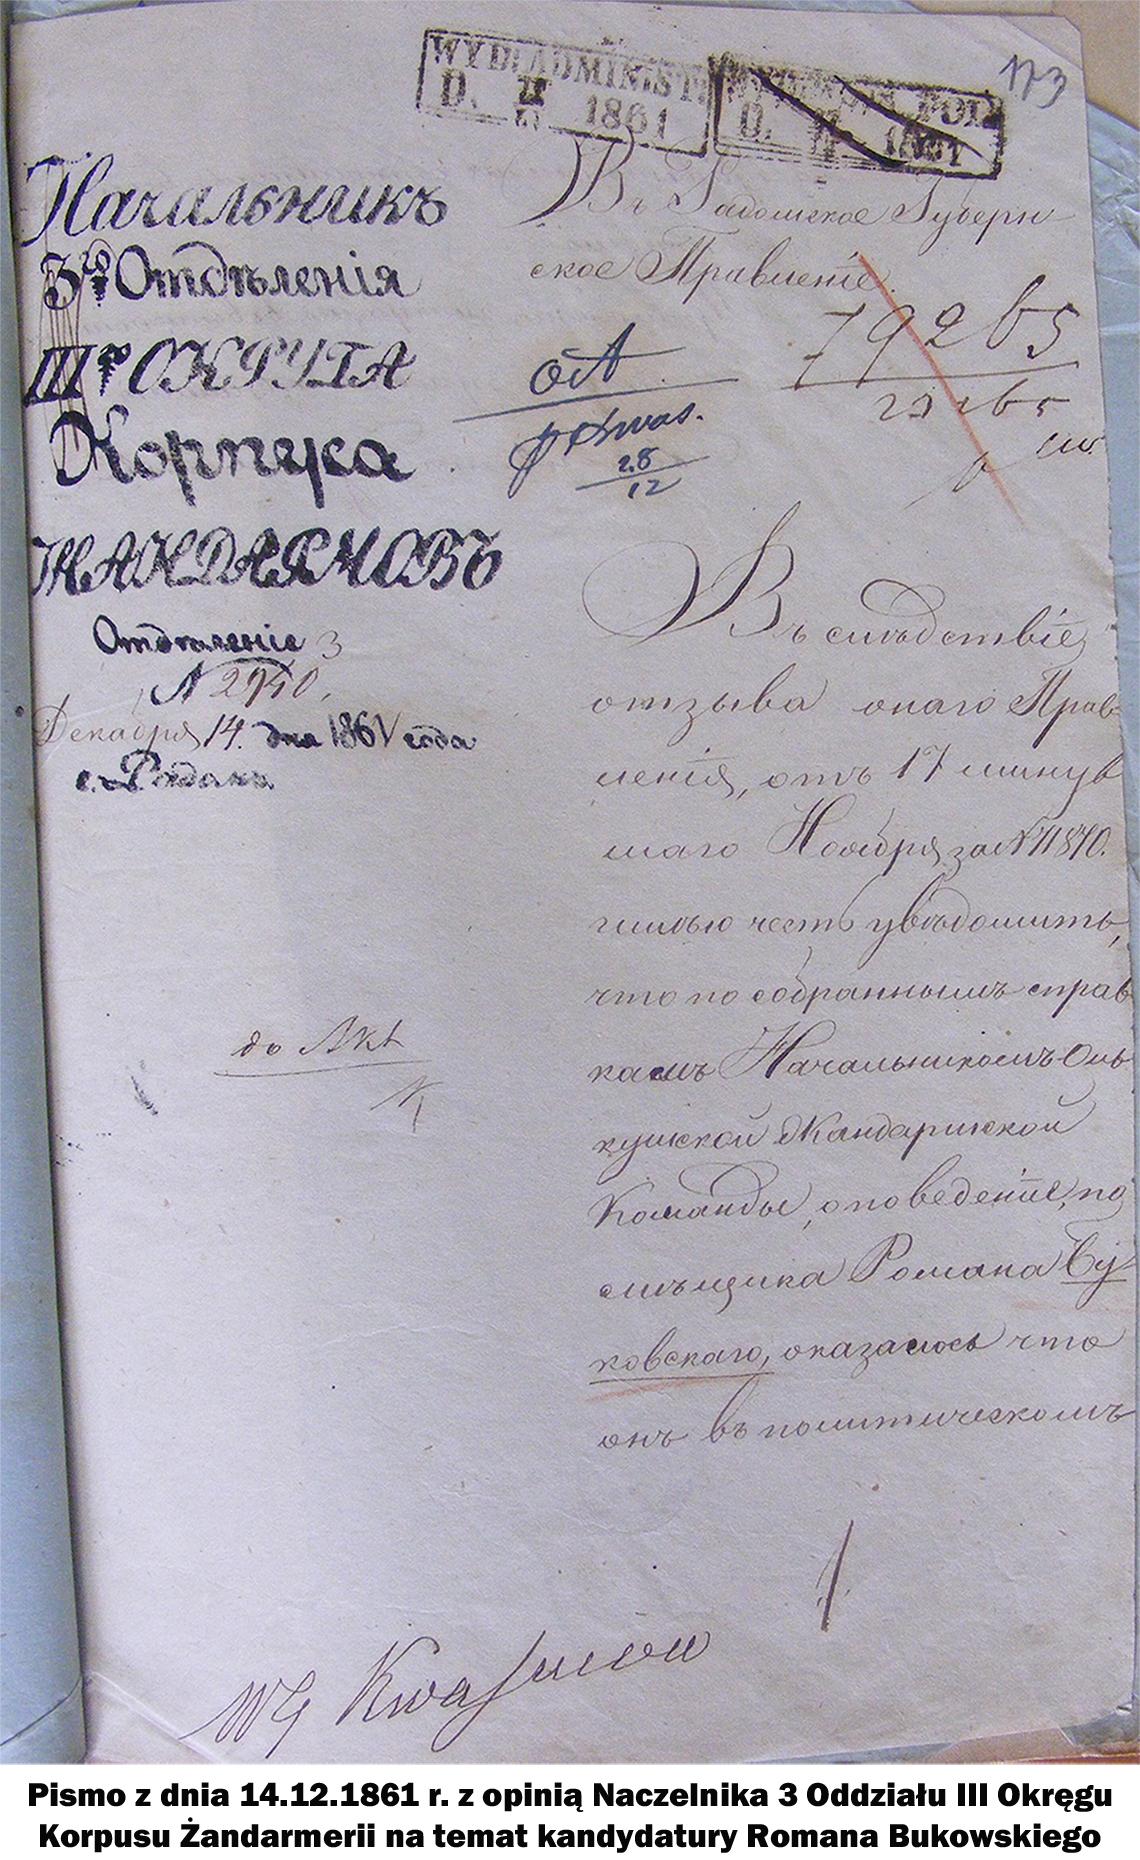 Pismo z dnia 14.12.1861 r. z opinią Naczelnika 3 Oddziału III Okręgu Korpusu Żandarmerii na temat kandydatury Romana Bukowskiego.